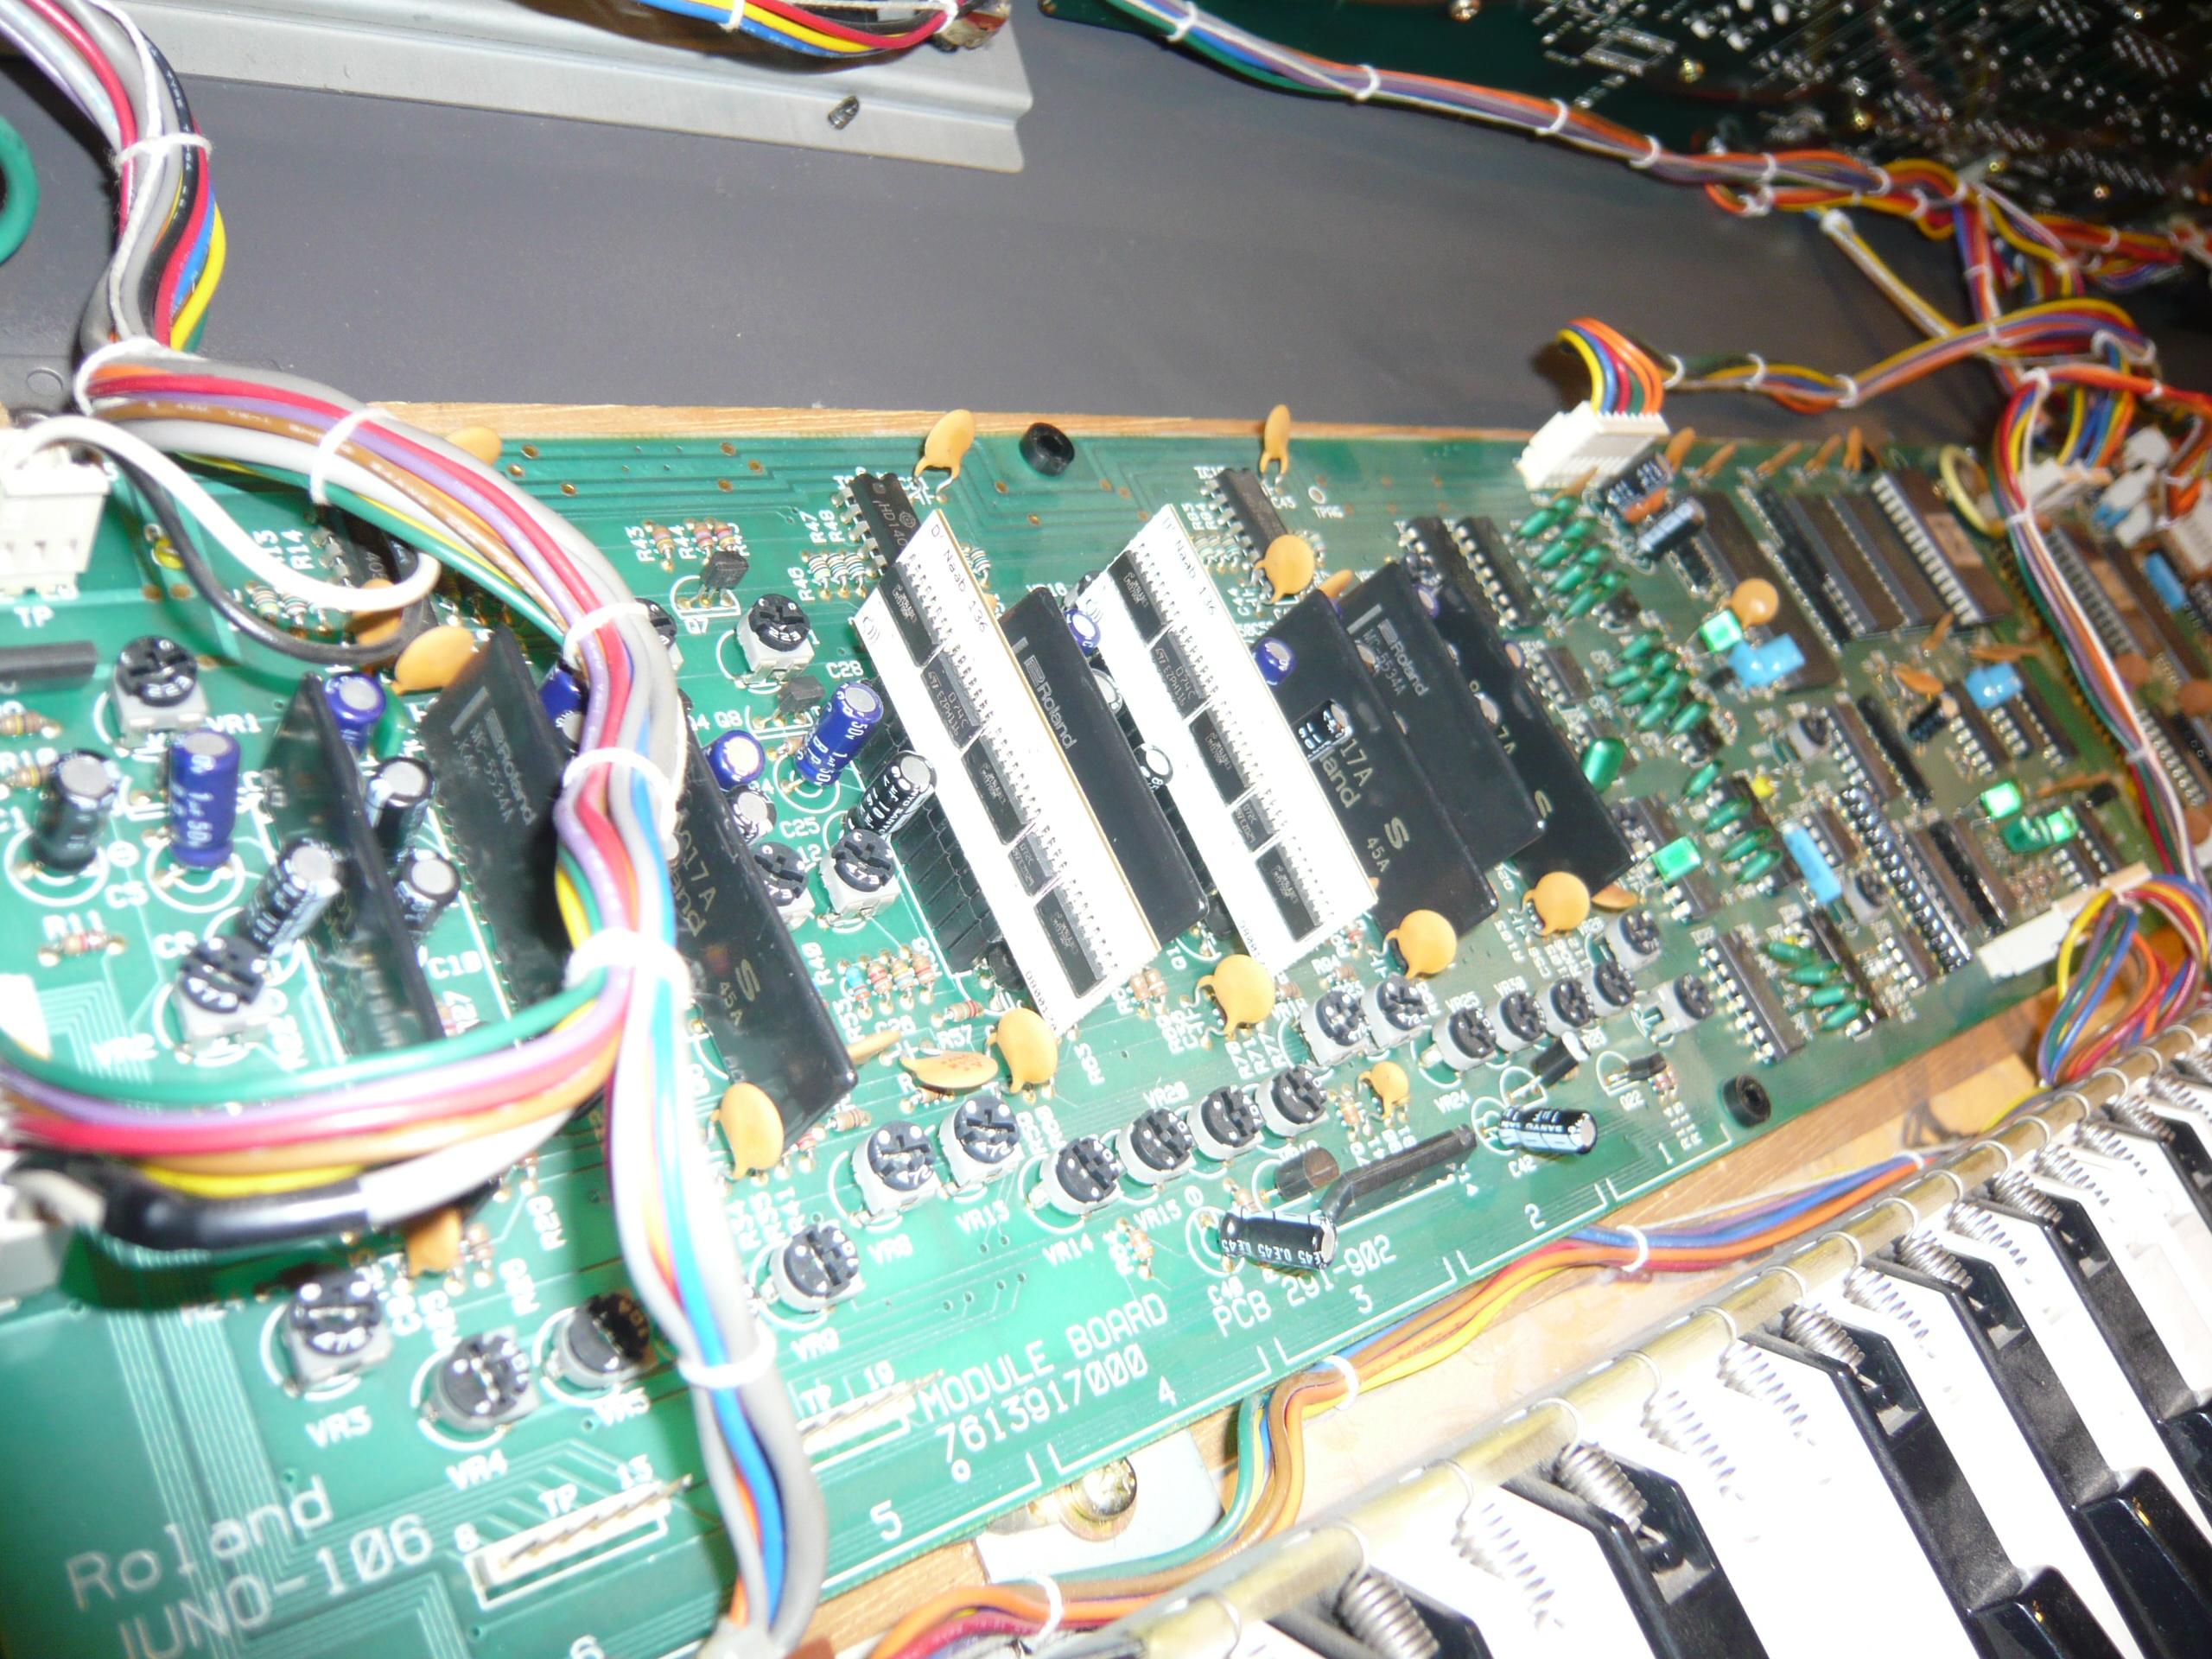 Roland Juno 106 Obsoletetechnology